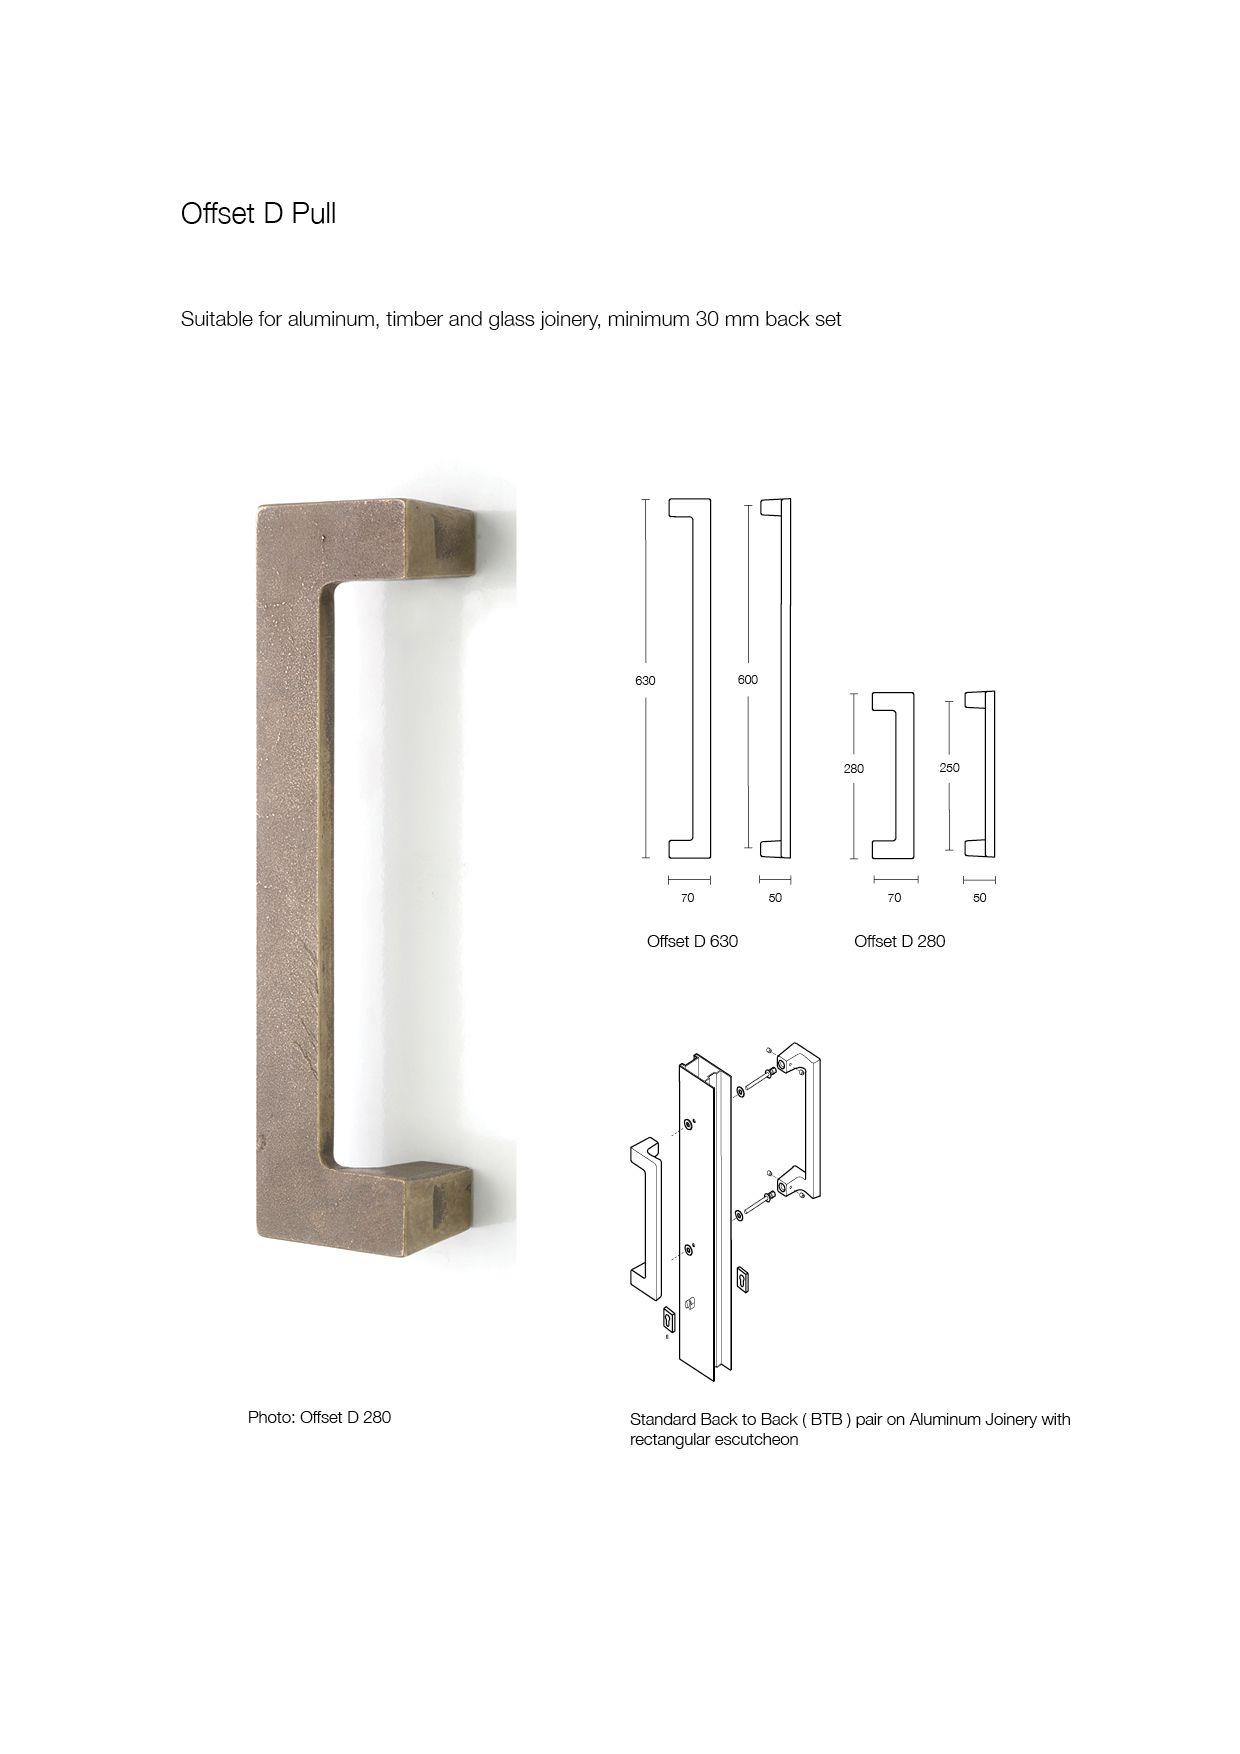 Offset D Pull bronze door handle made by Black Sand Bronze ...